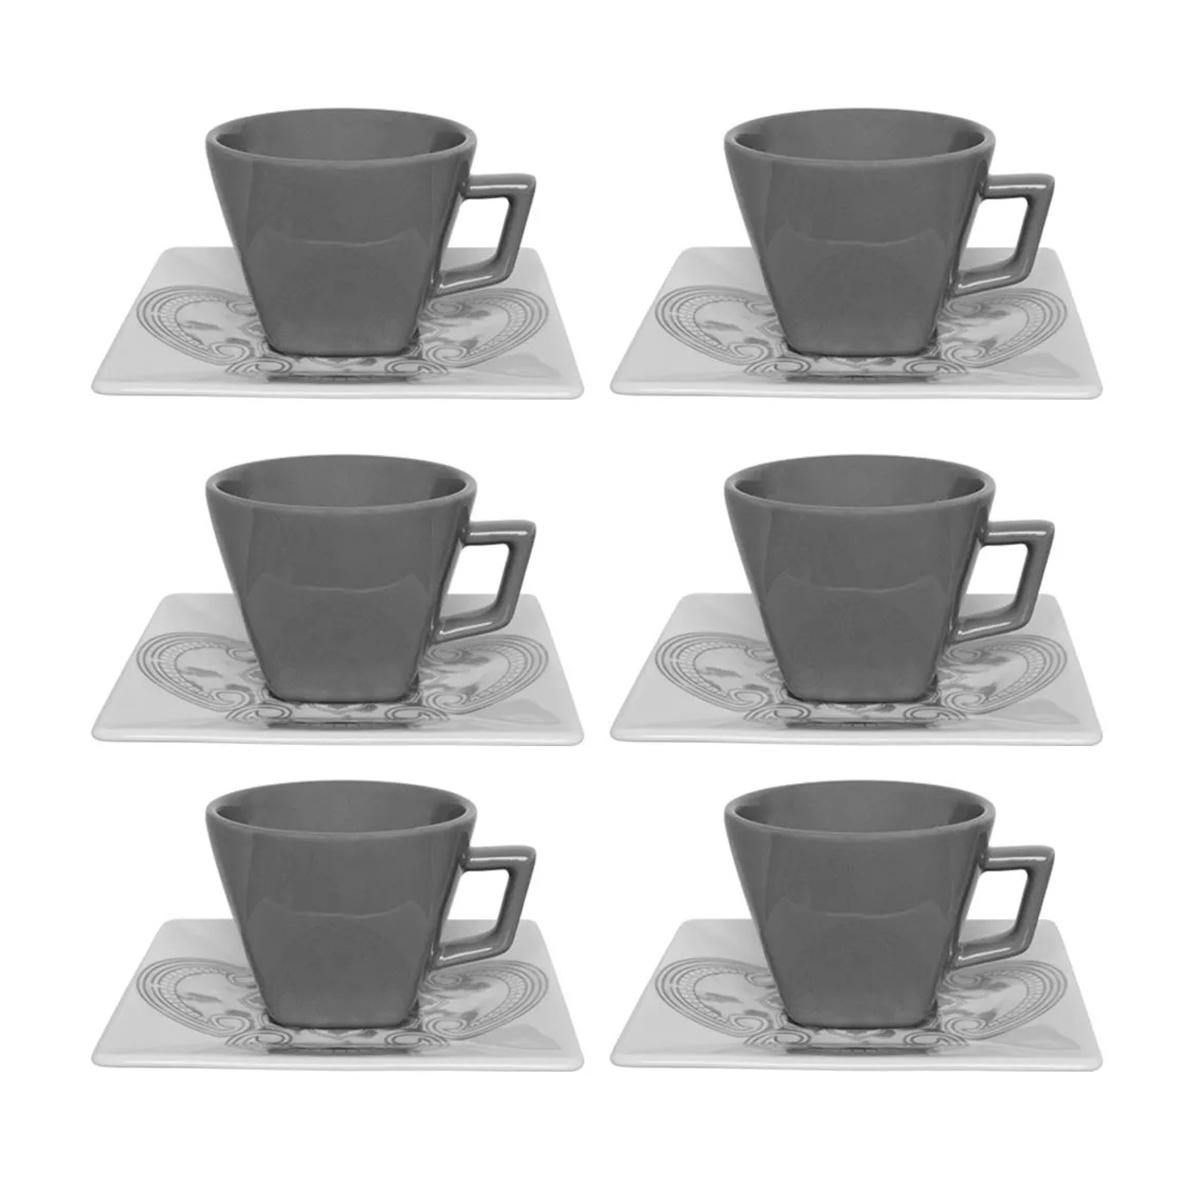 Conjunto 6 Xícaras De Chá Oxford Quartier 200ml Com Pires Porcelana